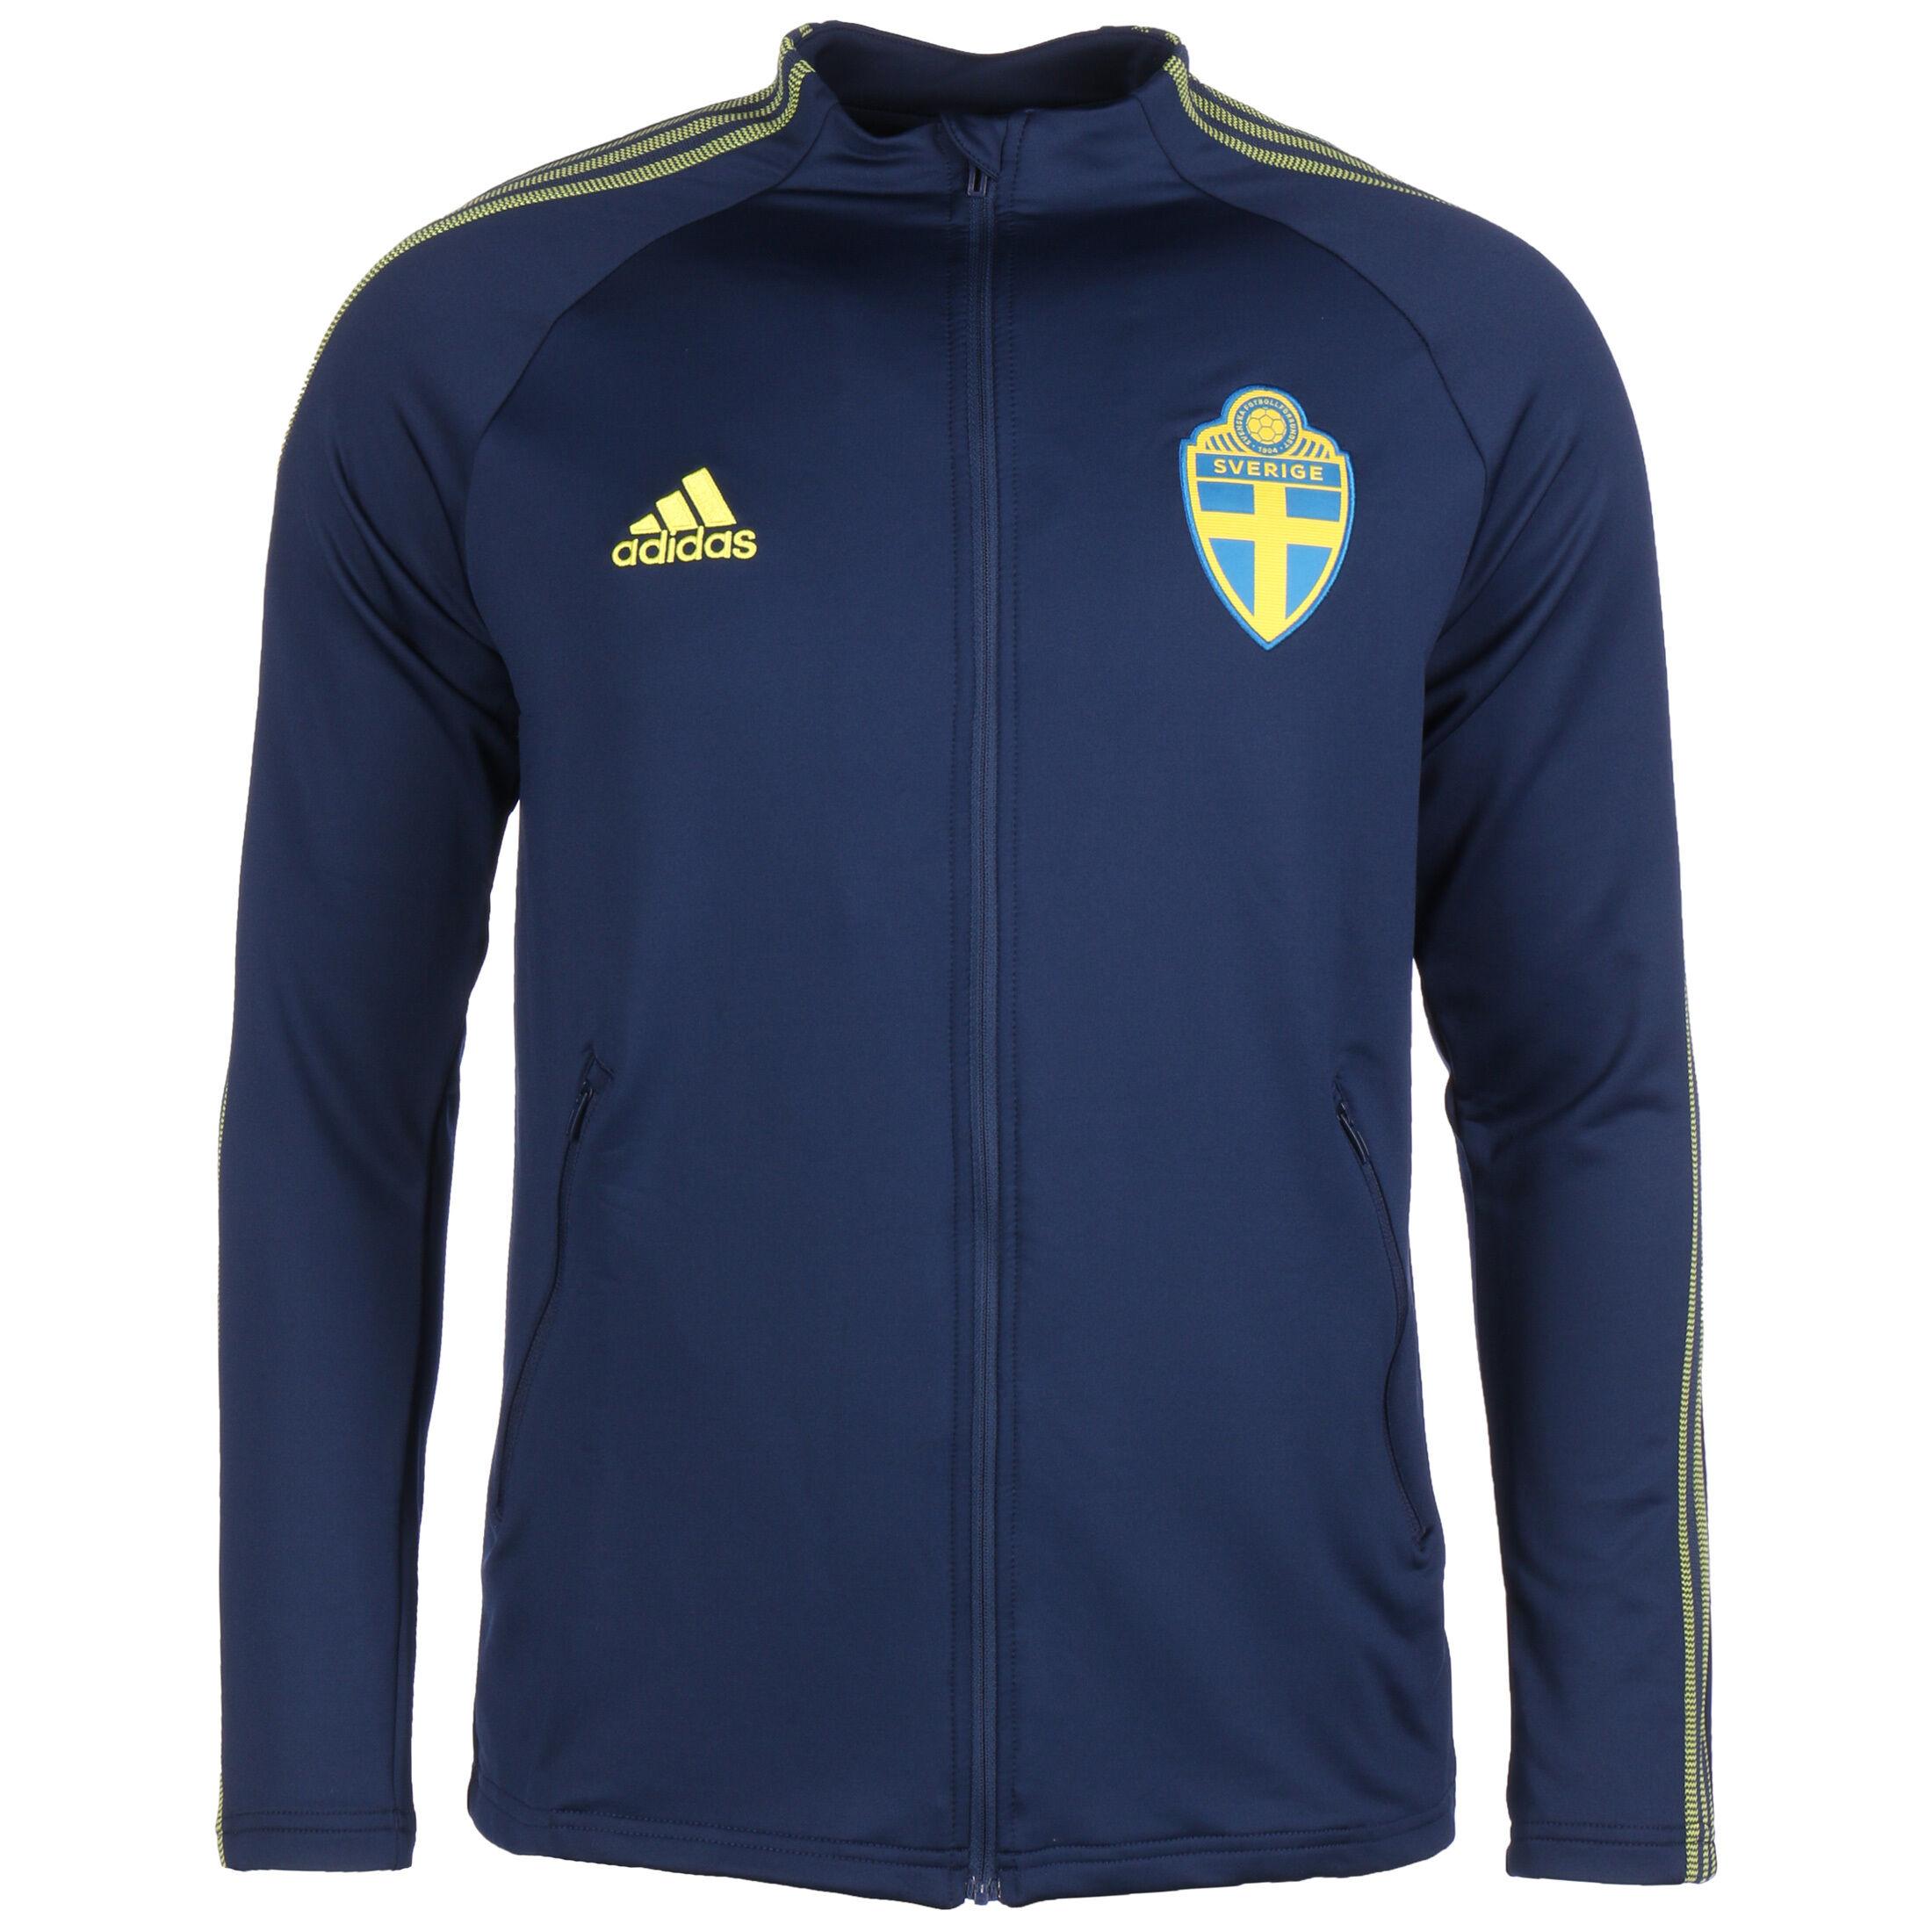 adidas Performance Schweden Anthem Jacke EM 2021 Herren